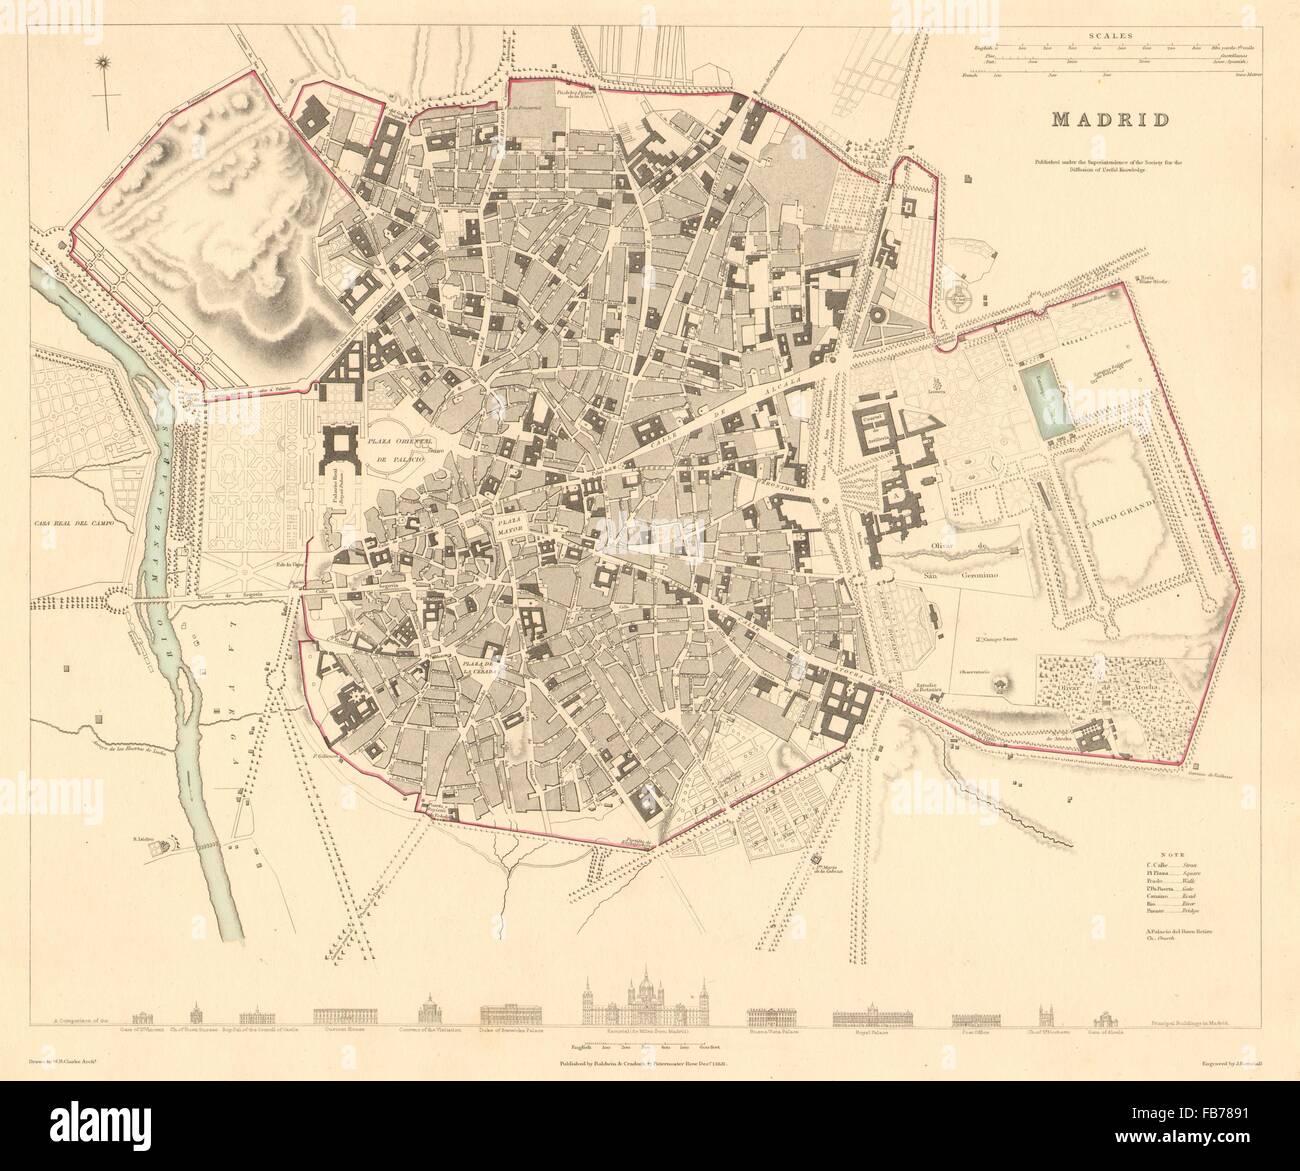 MADRID: Antique town city map plan. Original outline colour. SDUK, 1848 Stock Photo